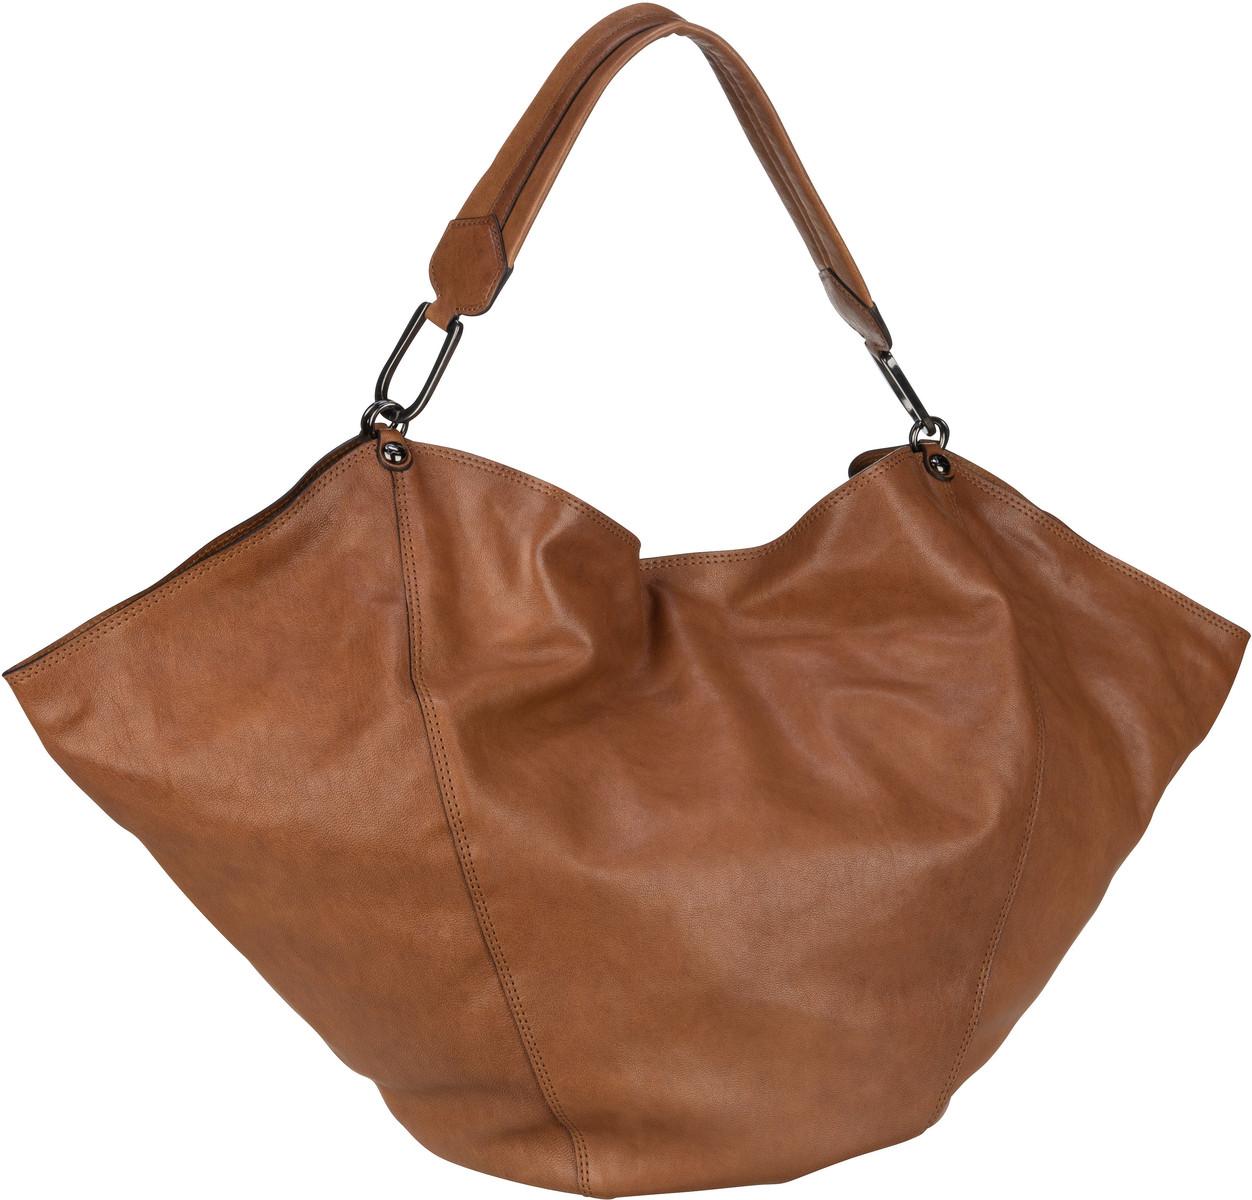 Handtasche Cachemere Anna L C22591 Tabacco